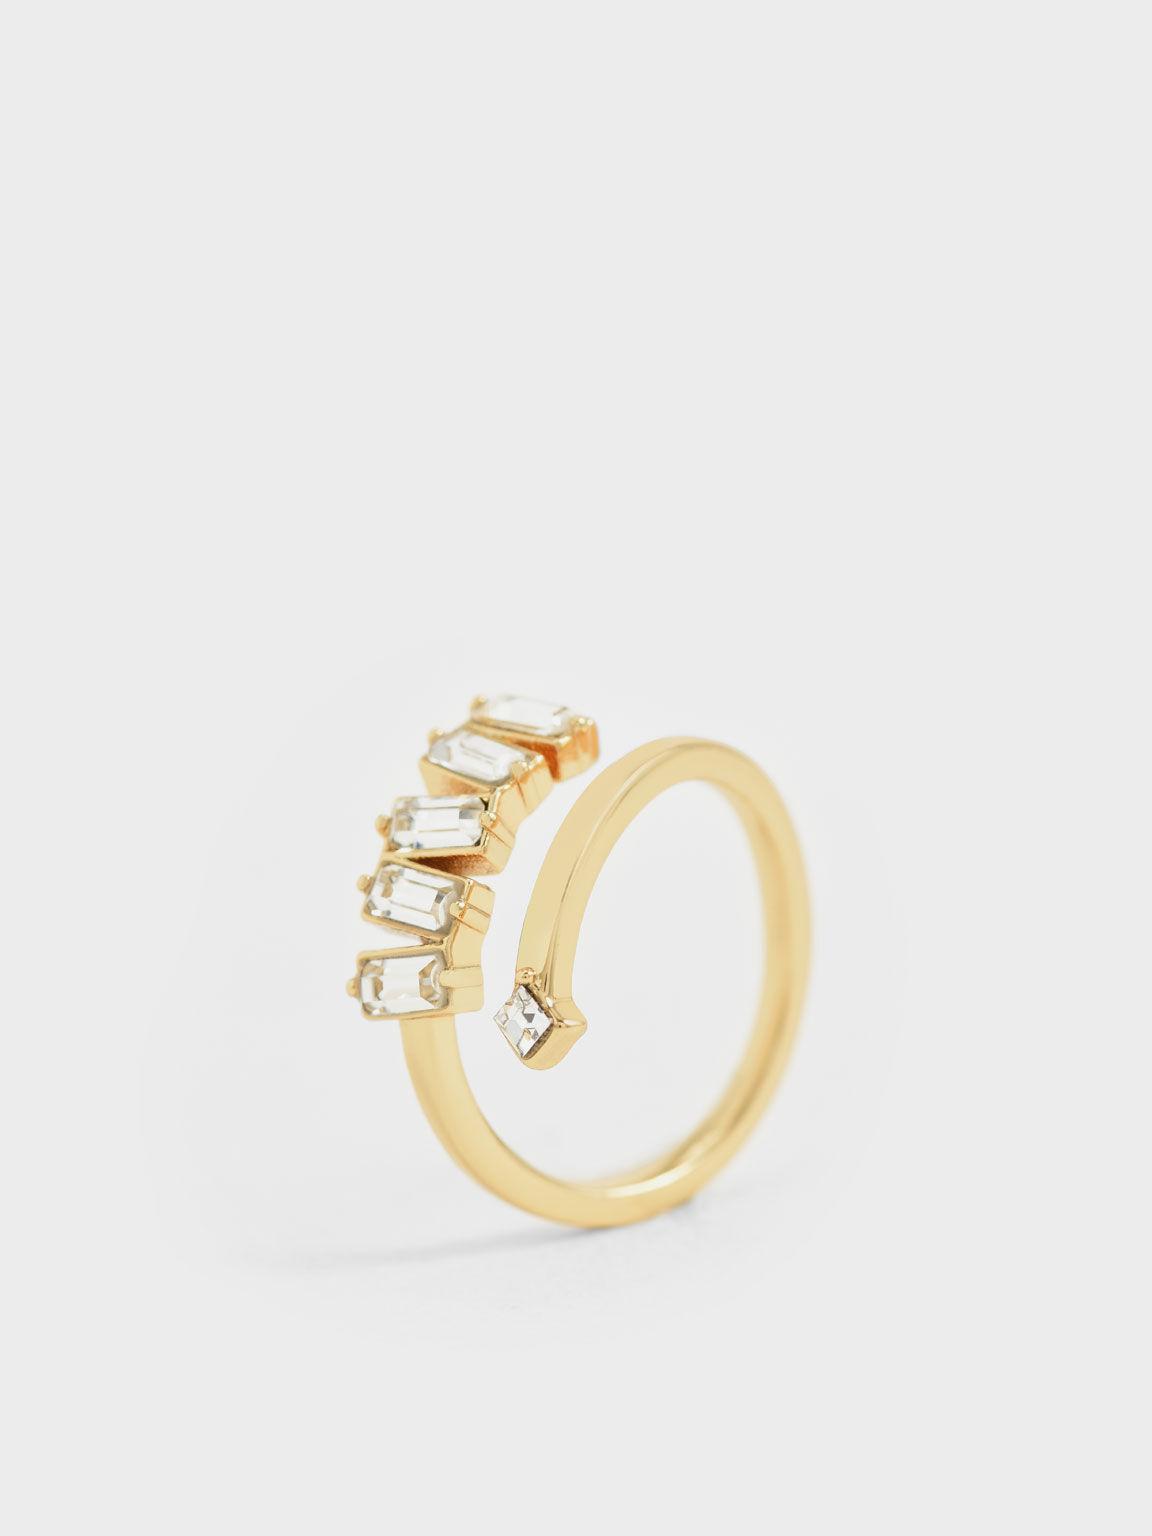 施華洛世奇®水晶流星戒指, 金色, hi-res